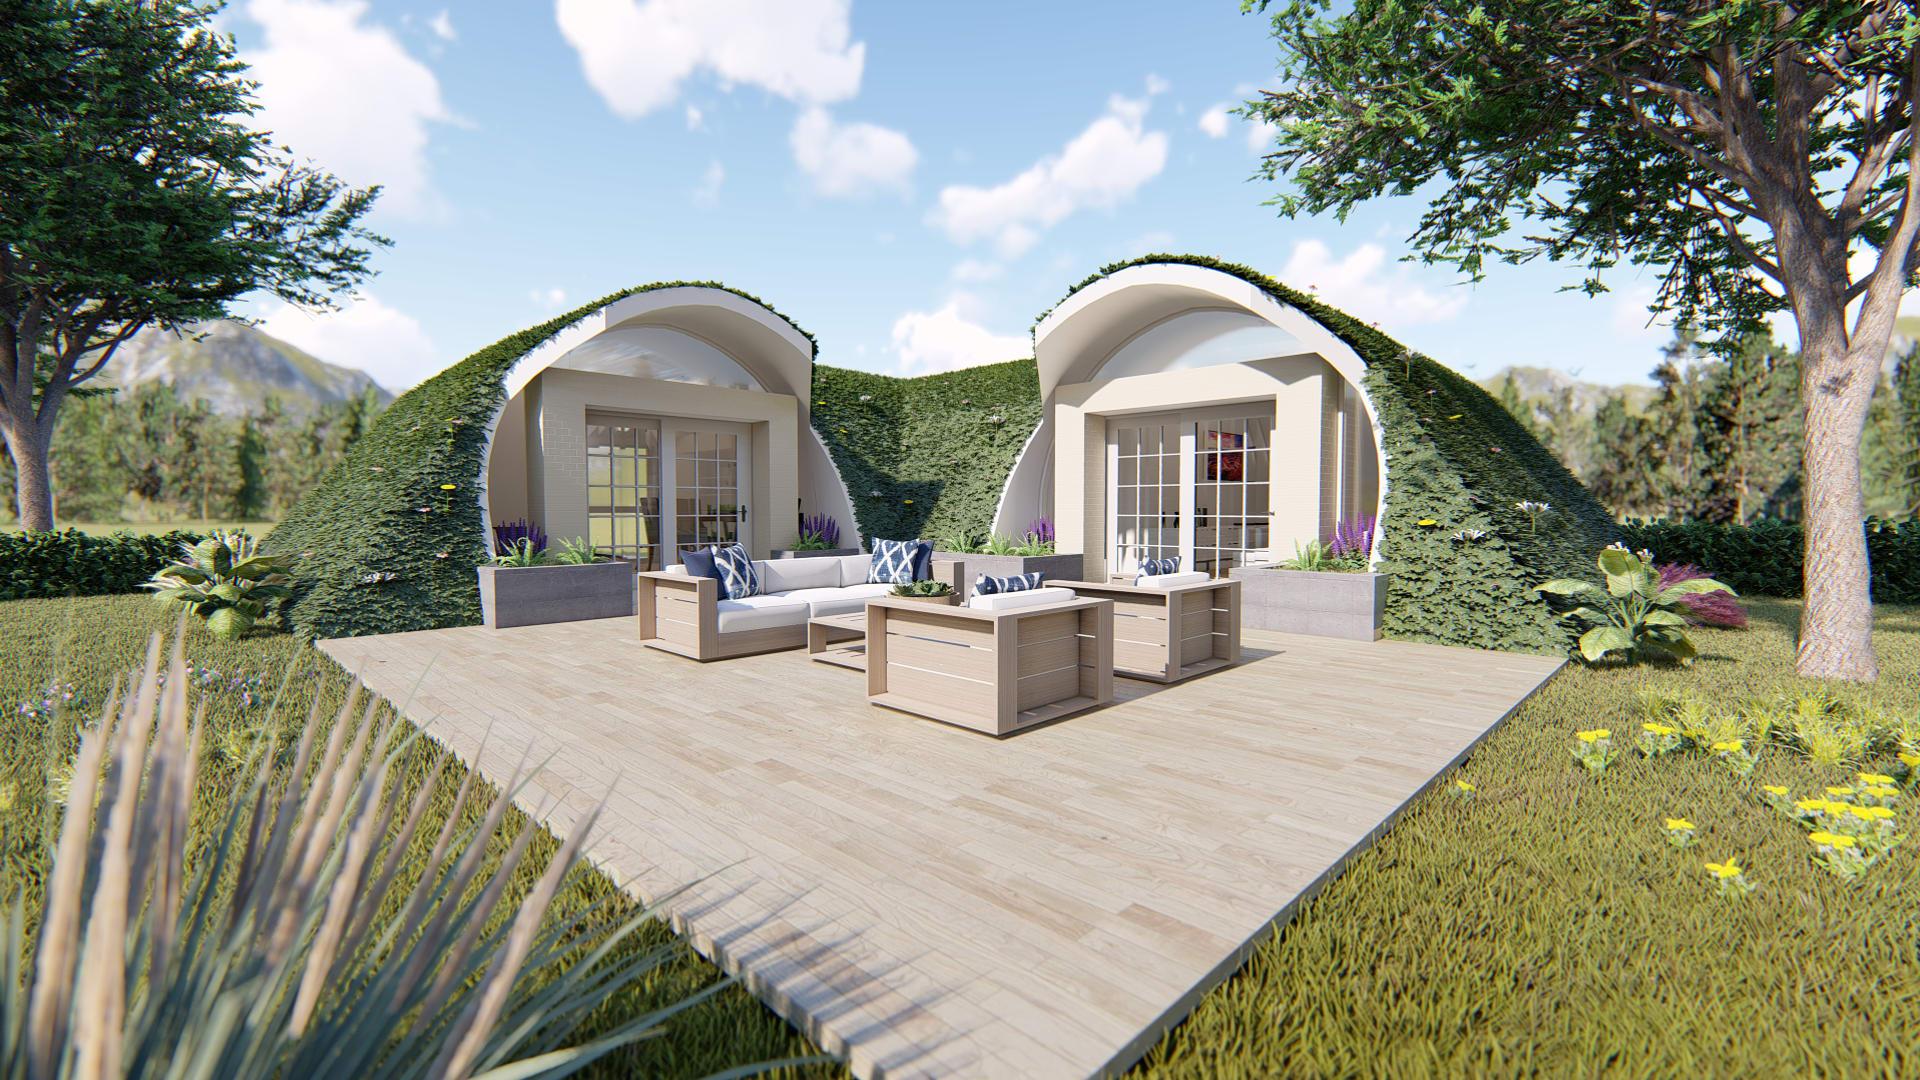 """مشروع """"البيوت الخضراء"""" - مجمع الشارقة للبحوث والتكنولوجيا والابتكار - الإمارات"""